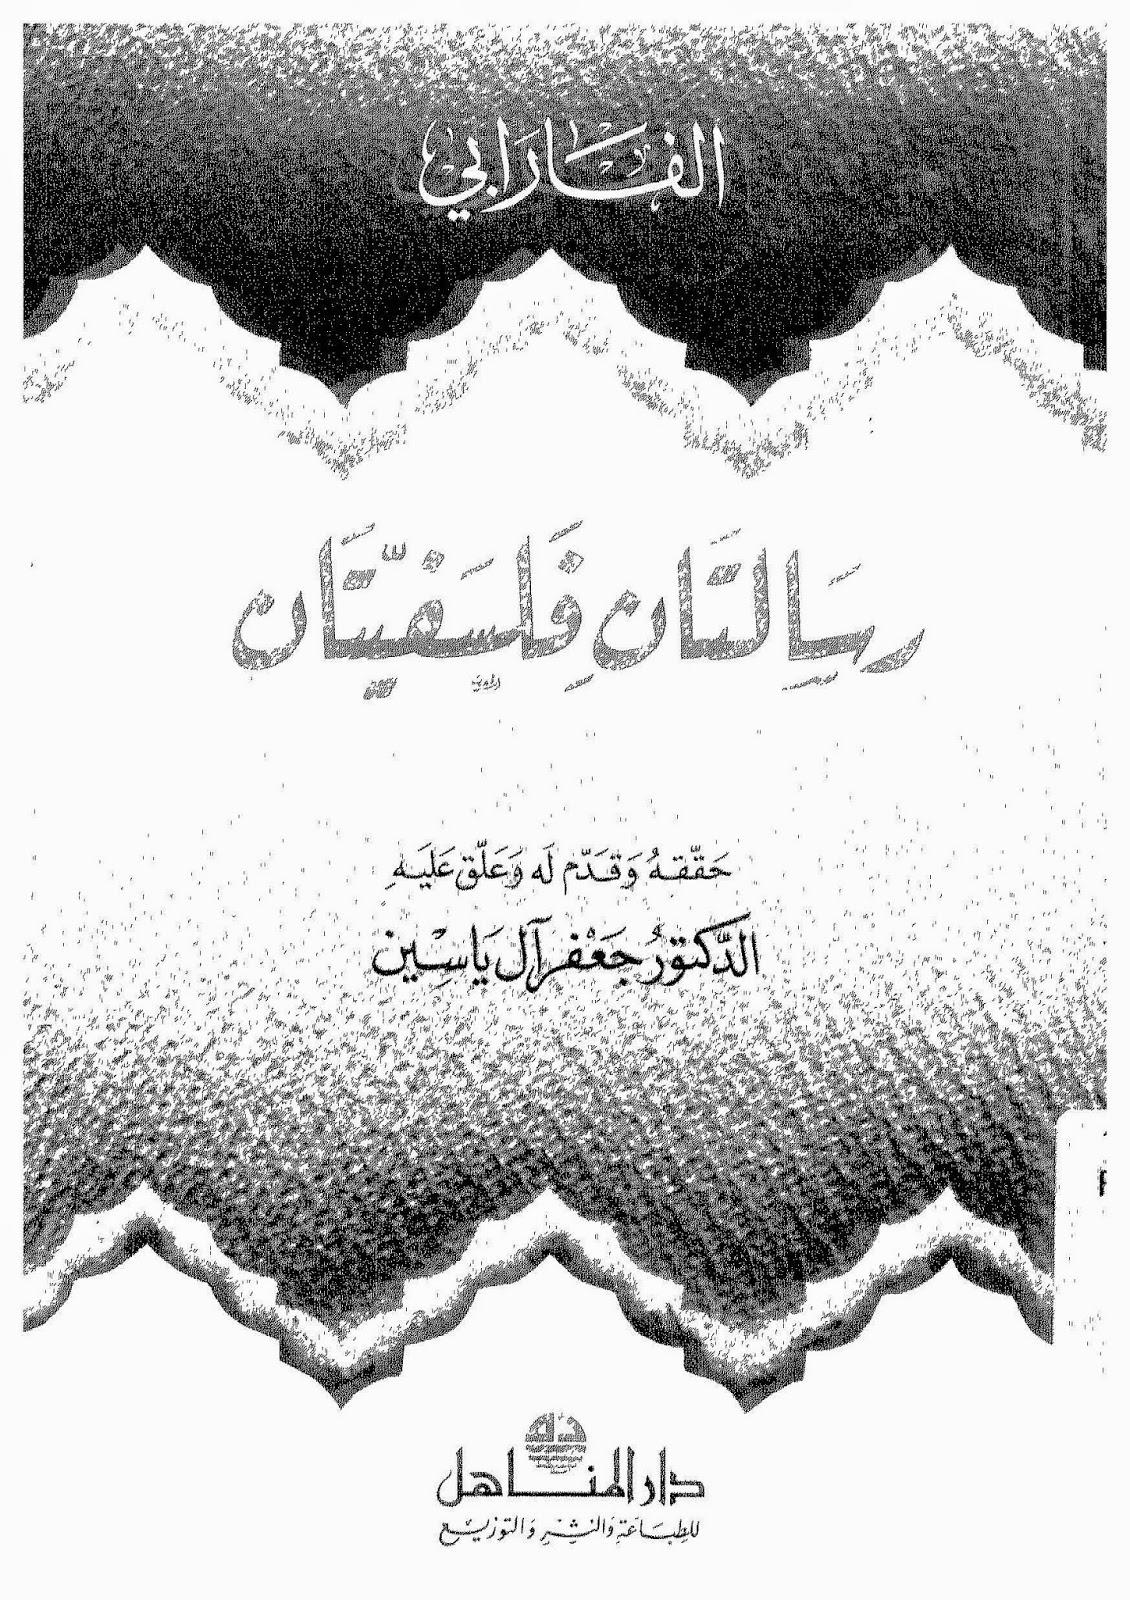 كتاب رسالتان فلسفيتان لأبي نصر الفارابي